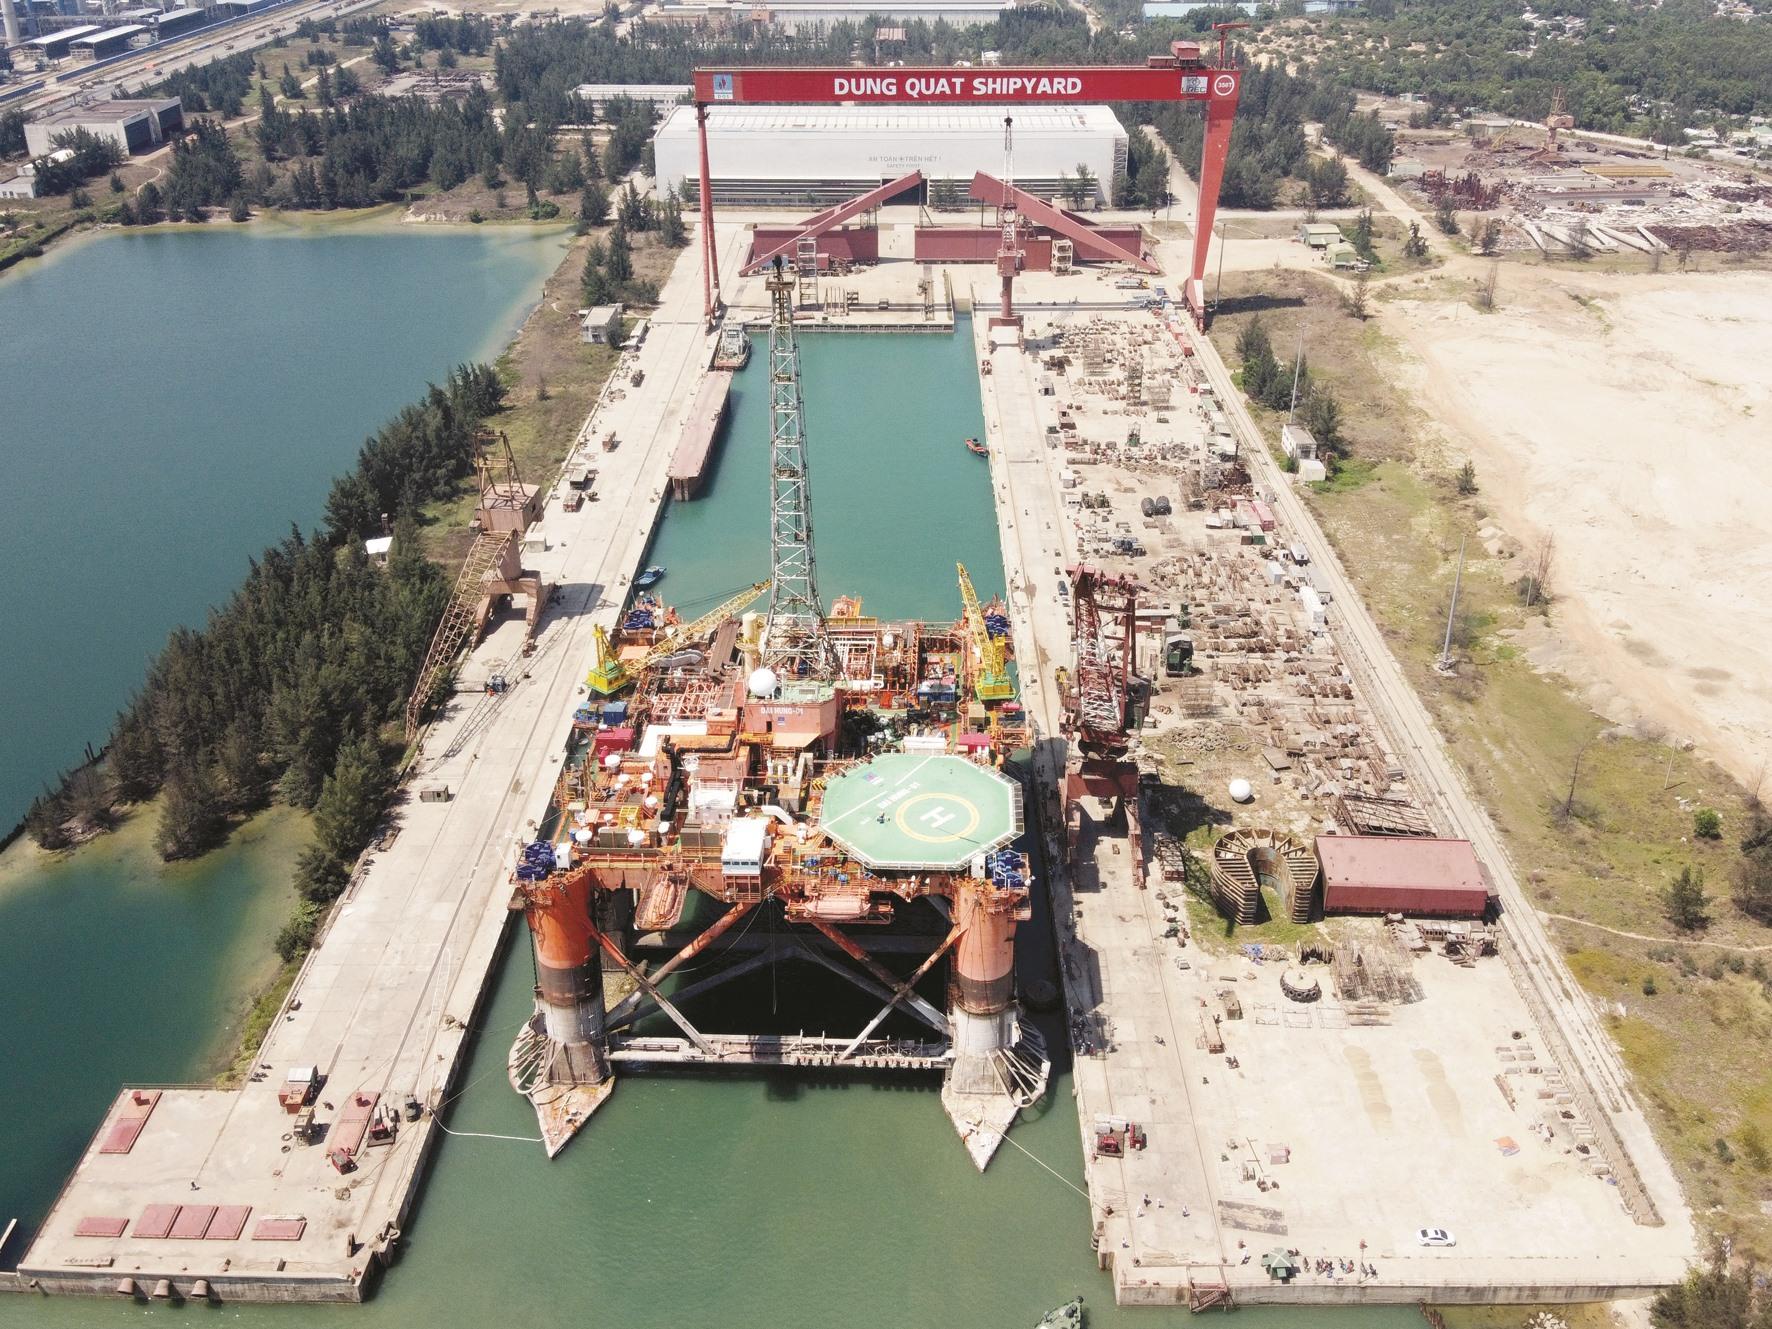 Giàn Đại Hùng 01 được lai dắt về dock ở vịnh Dung Quất, dock tàu lớn nhất Đông Nam Á.